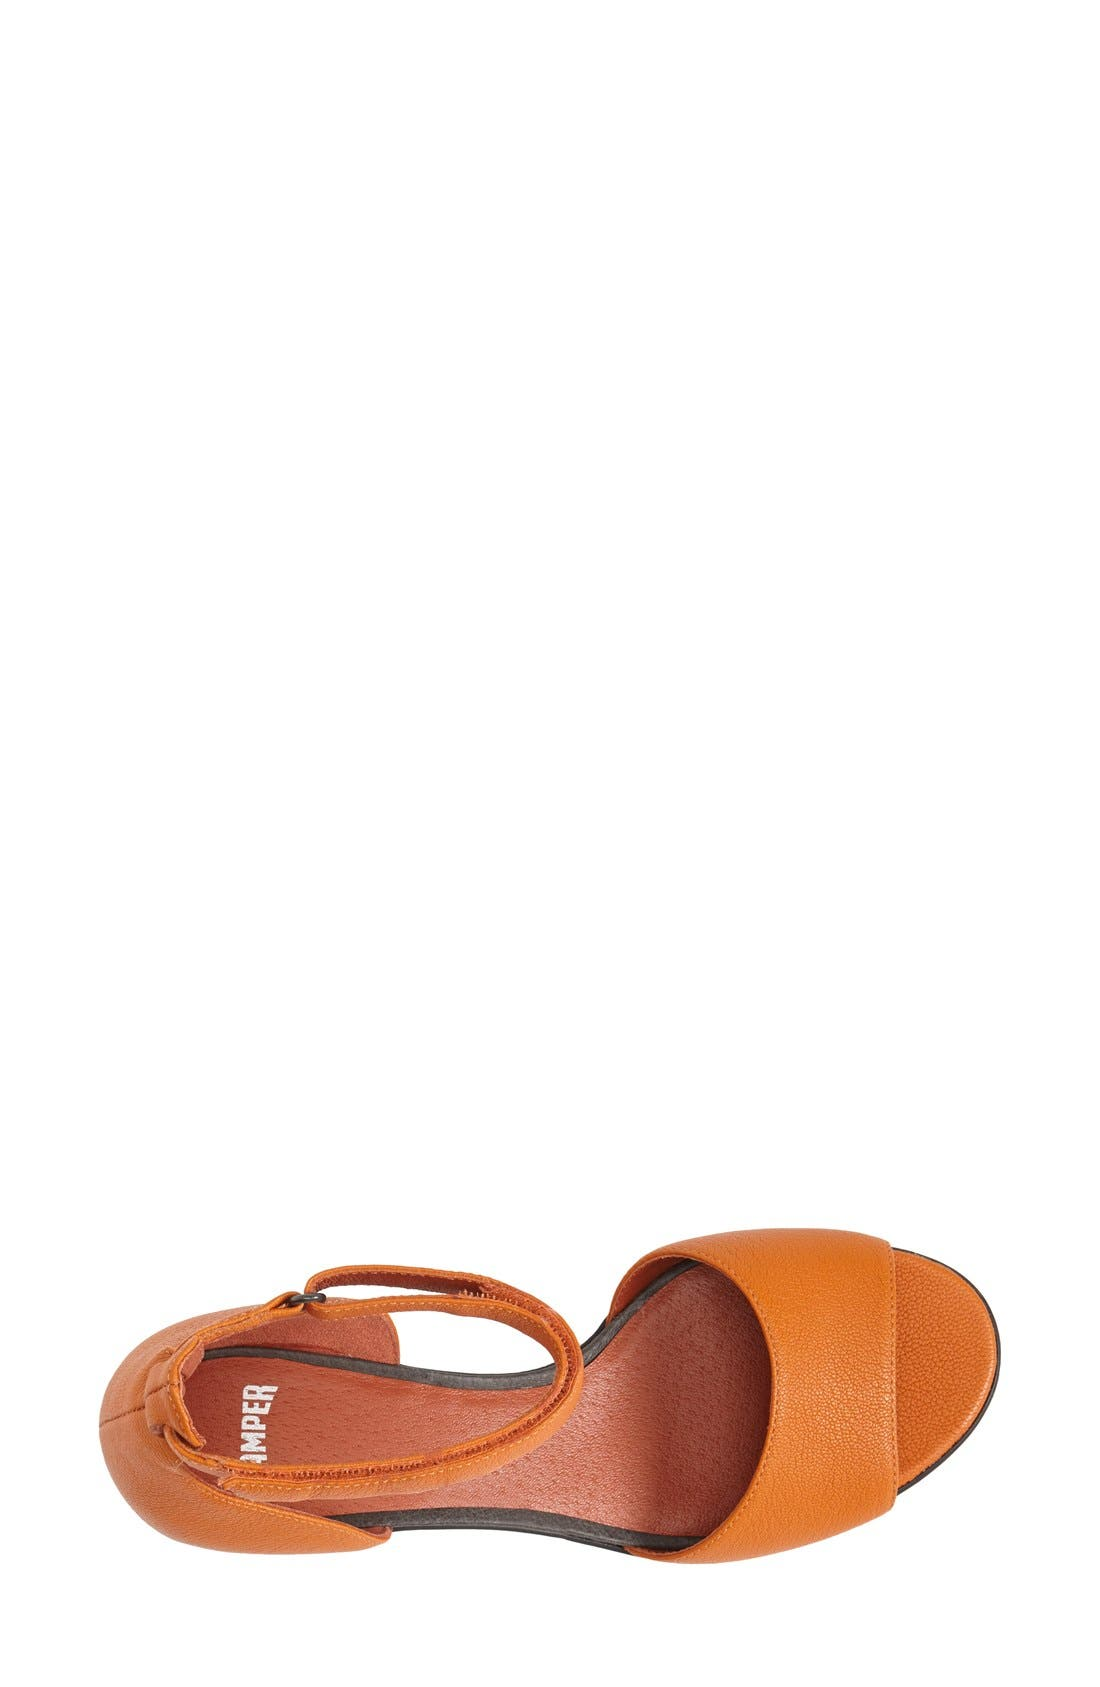 Alternate Image 3  - Camper 'Beth' Ankle Strap Sandal (Women)